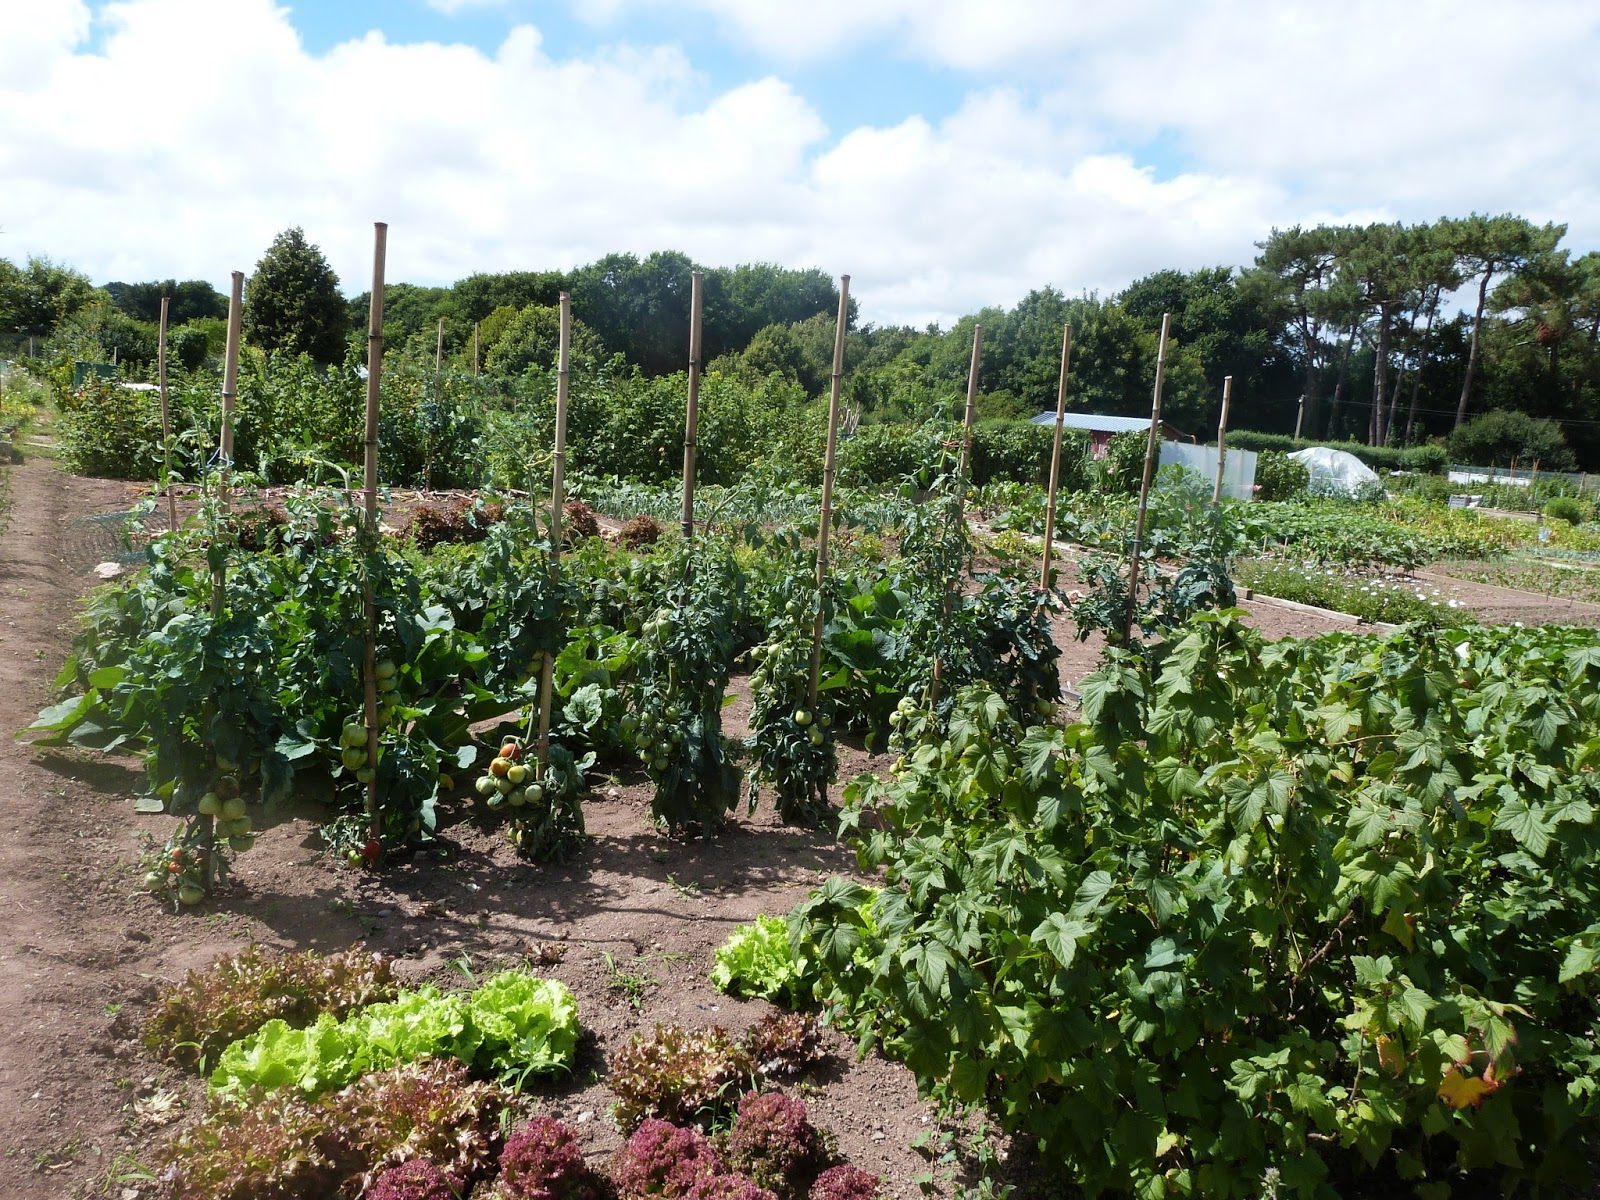 Les jardins familiaux de feunteun don les jardins for Jardin familiaux